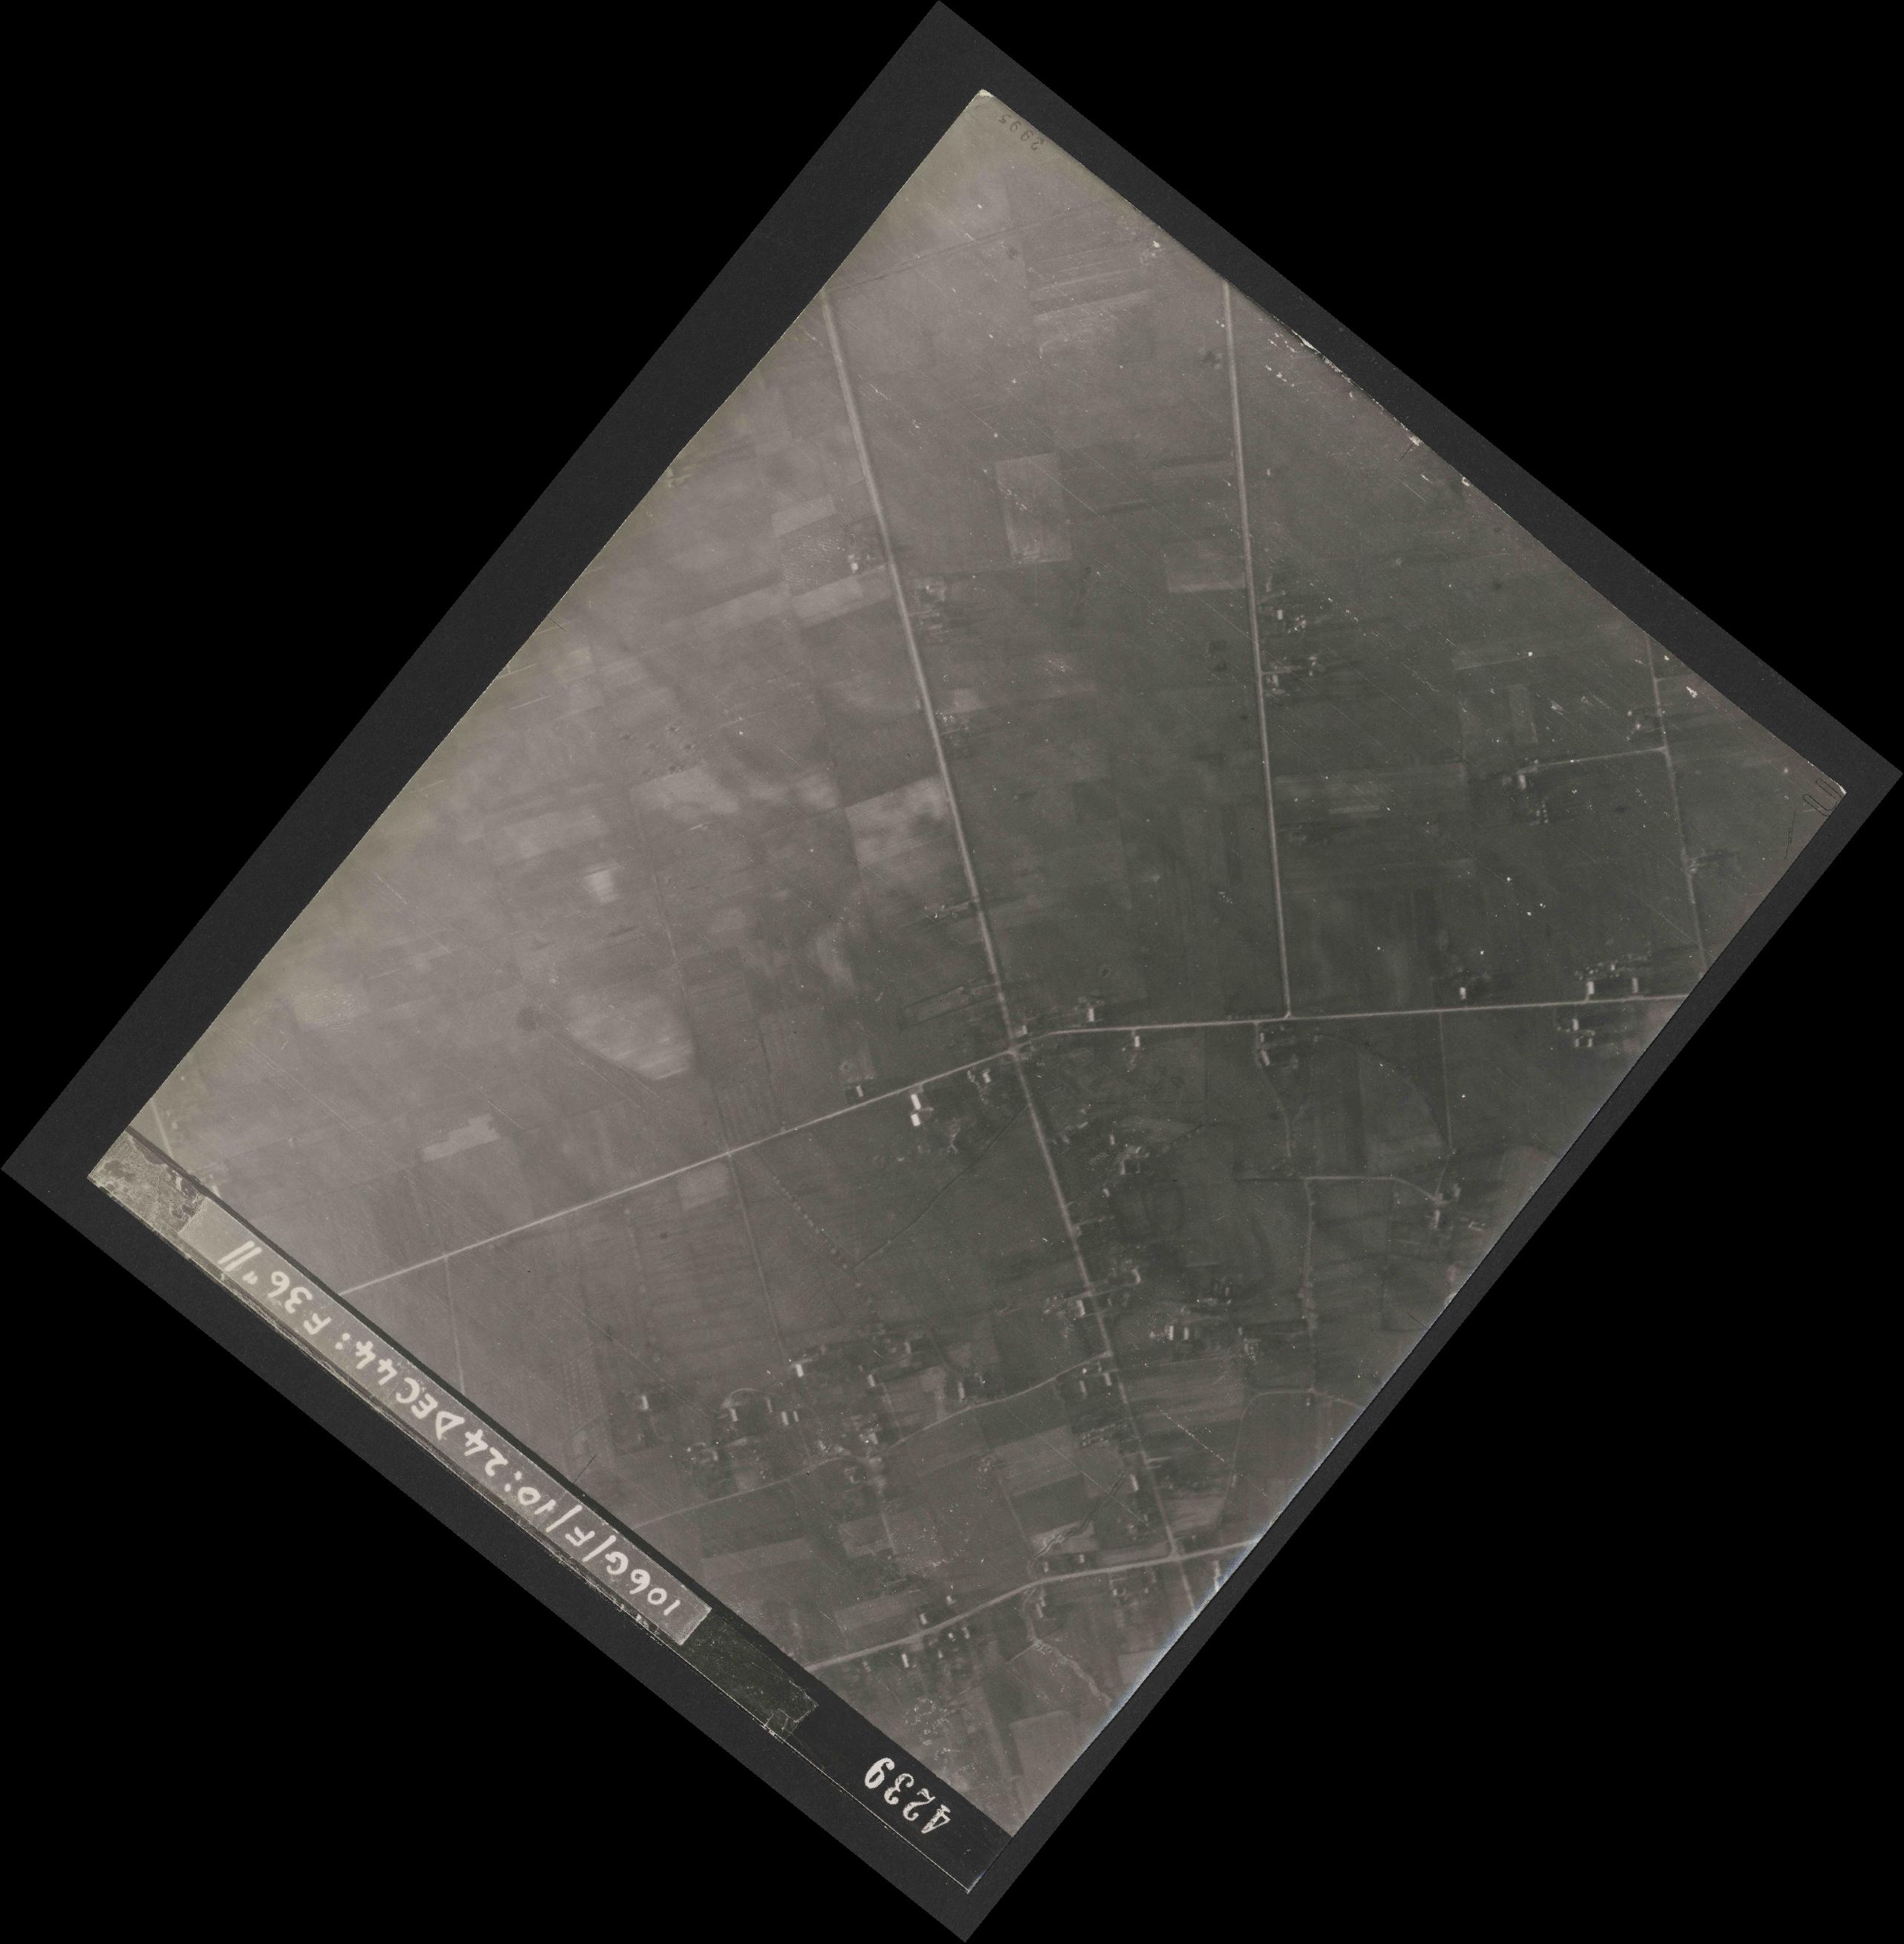 Collection RAF aerial photos 1940-1945 - flight 320, run 04, photo 4239